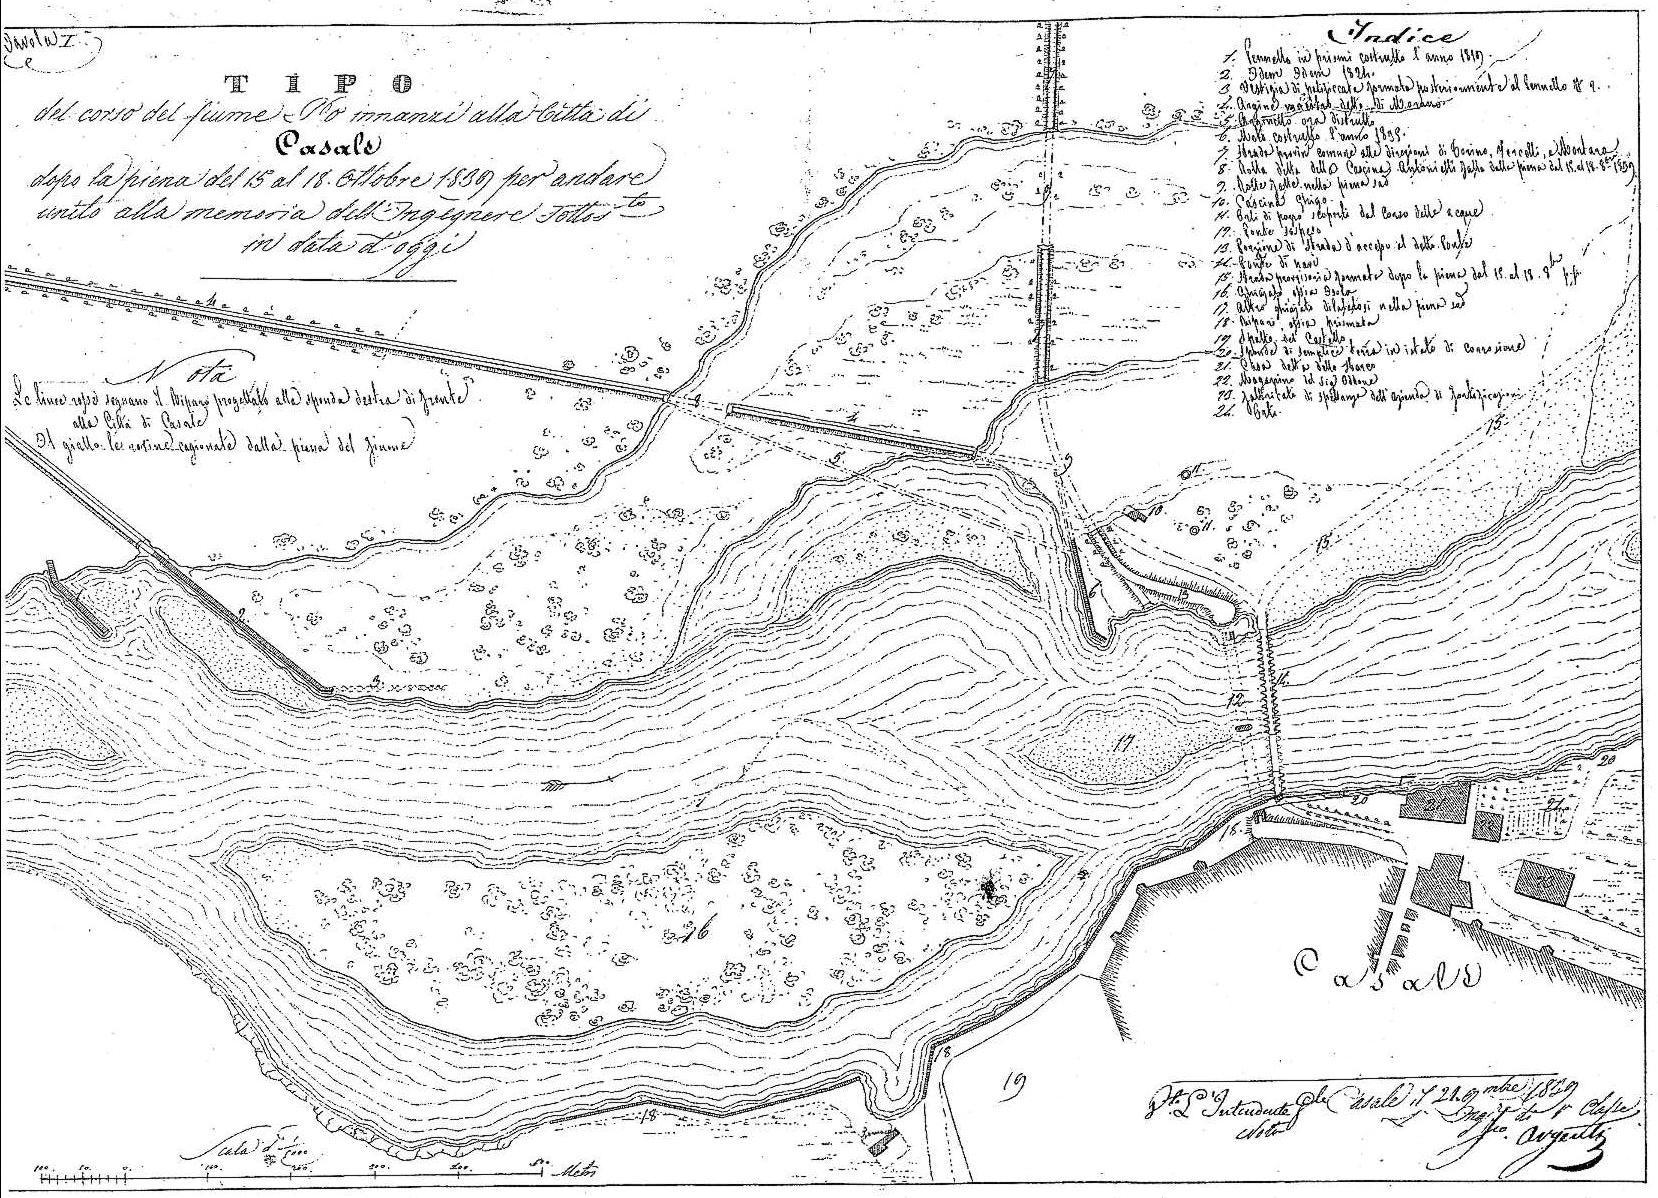 17 Ottobre 1839: a Torino un'alluvione semina morte e distruzione